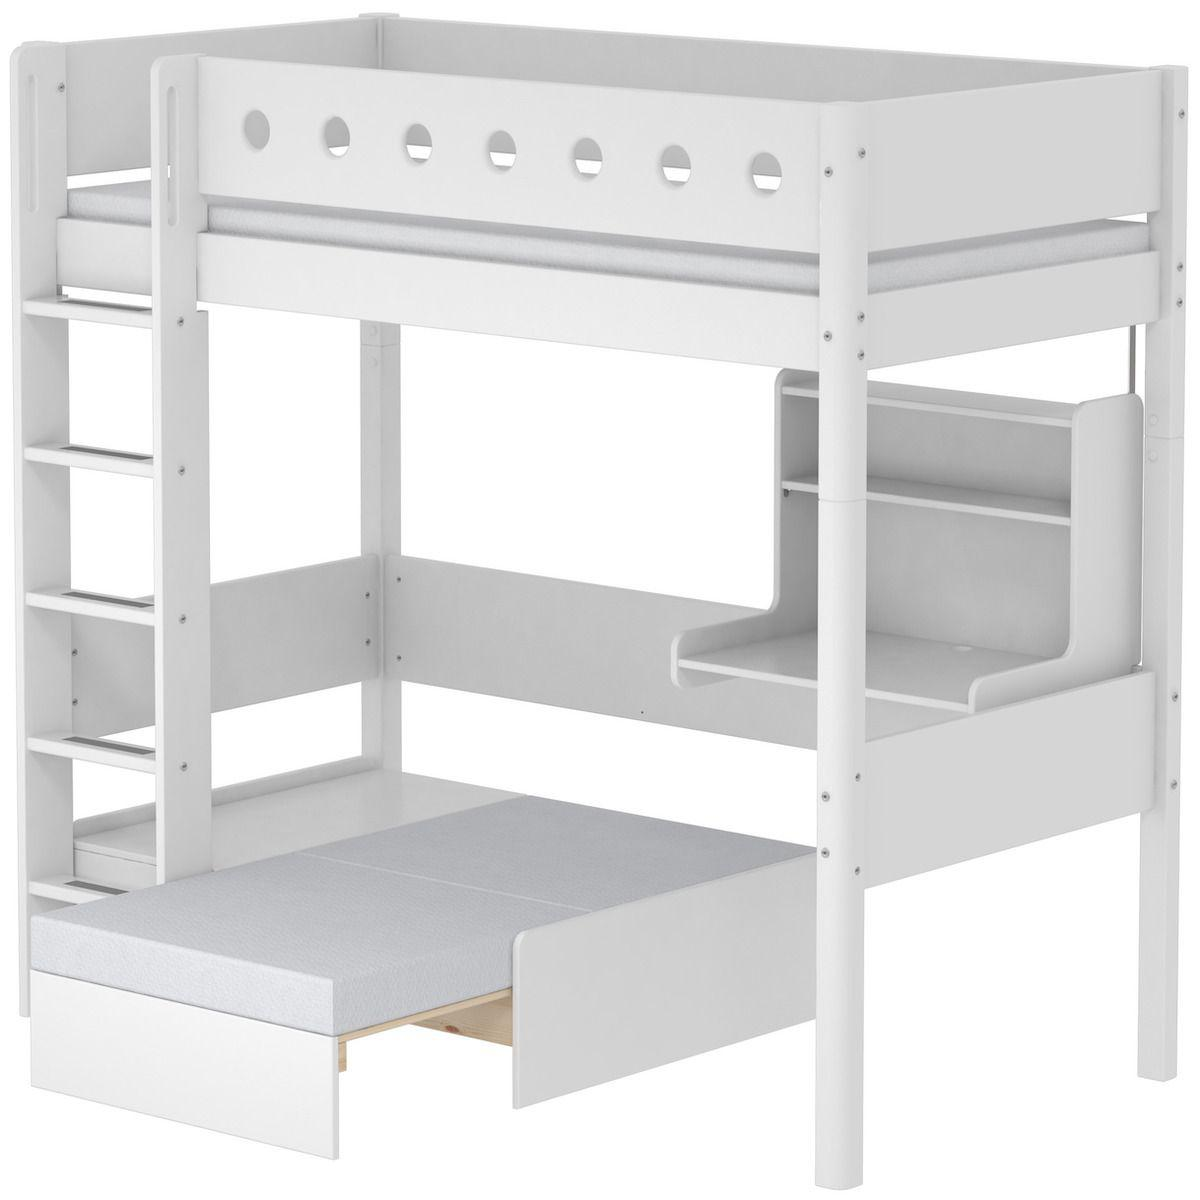 Hochbett mitwachsend 90x190cm WHITE Flexa Bettschutzgitter weiß-Bettfüße weiß-Schlafmodul-Schreibtisch CLICK-ON